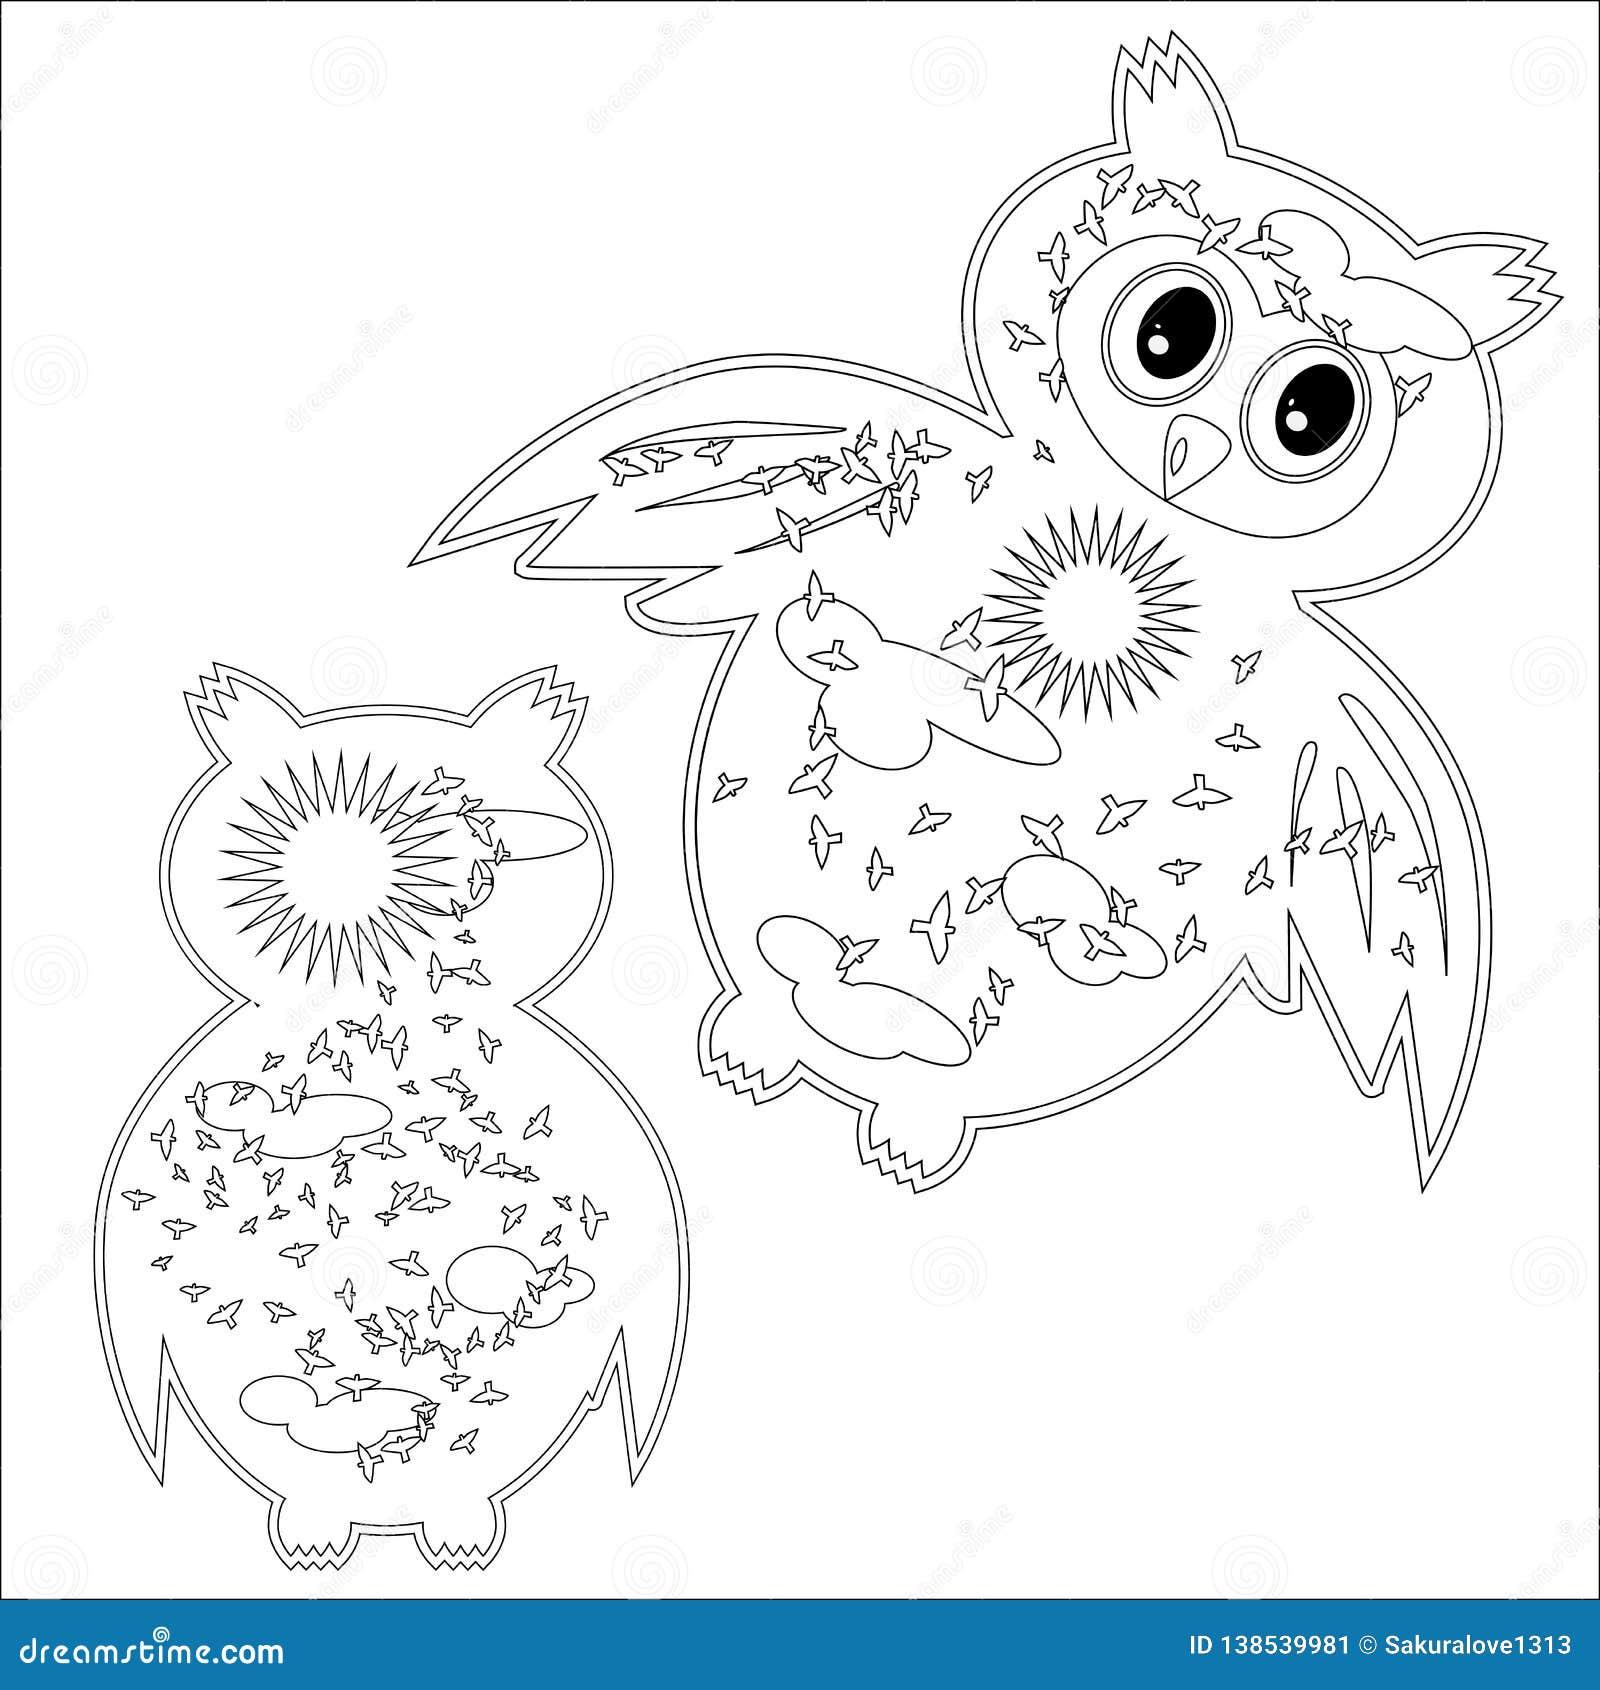 Disegni di gufi da colorare migliore pagina da colorare for Disegni inazuma eleven da stampare